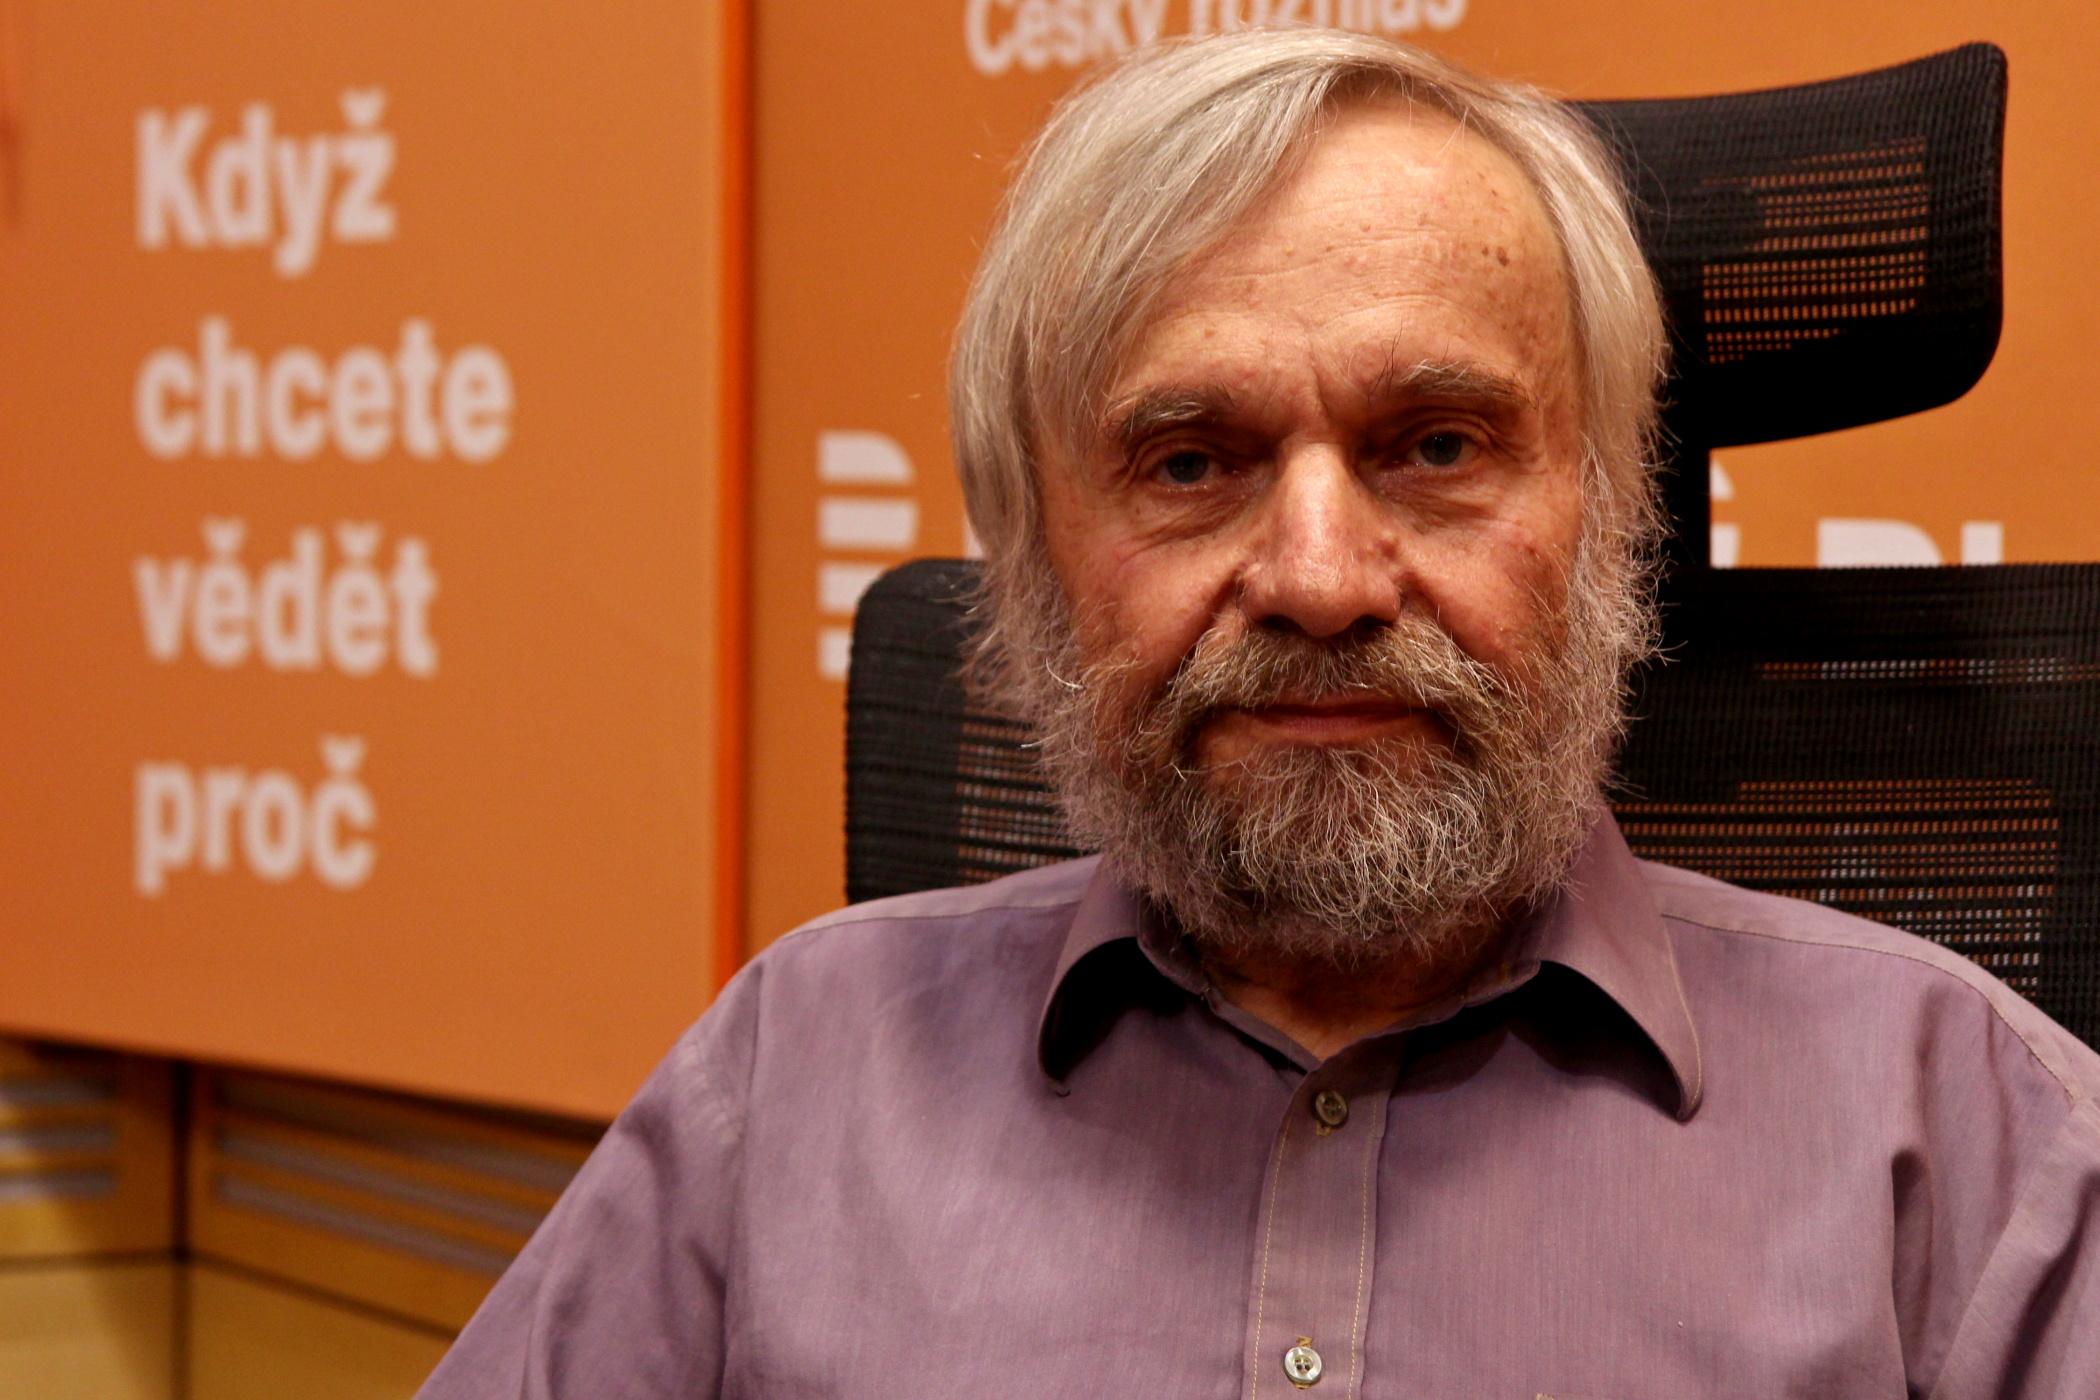 Divadelní a mediální kritik Vladimír Just